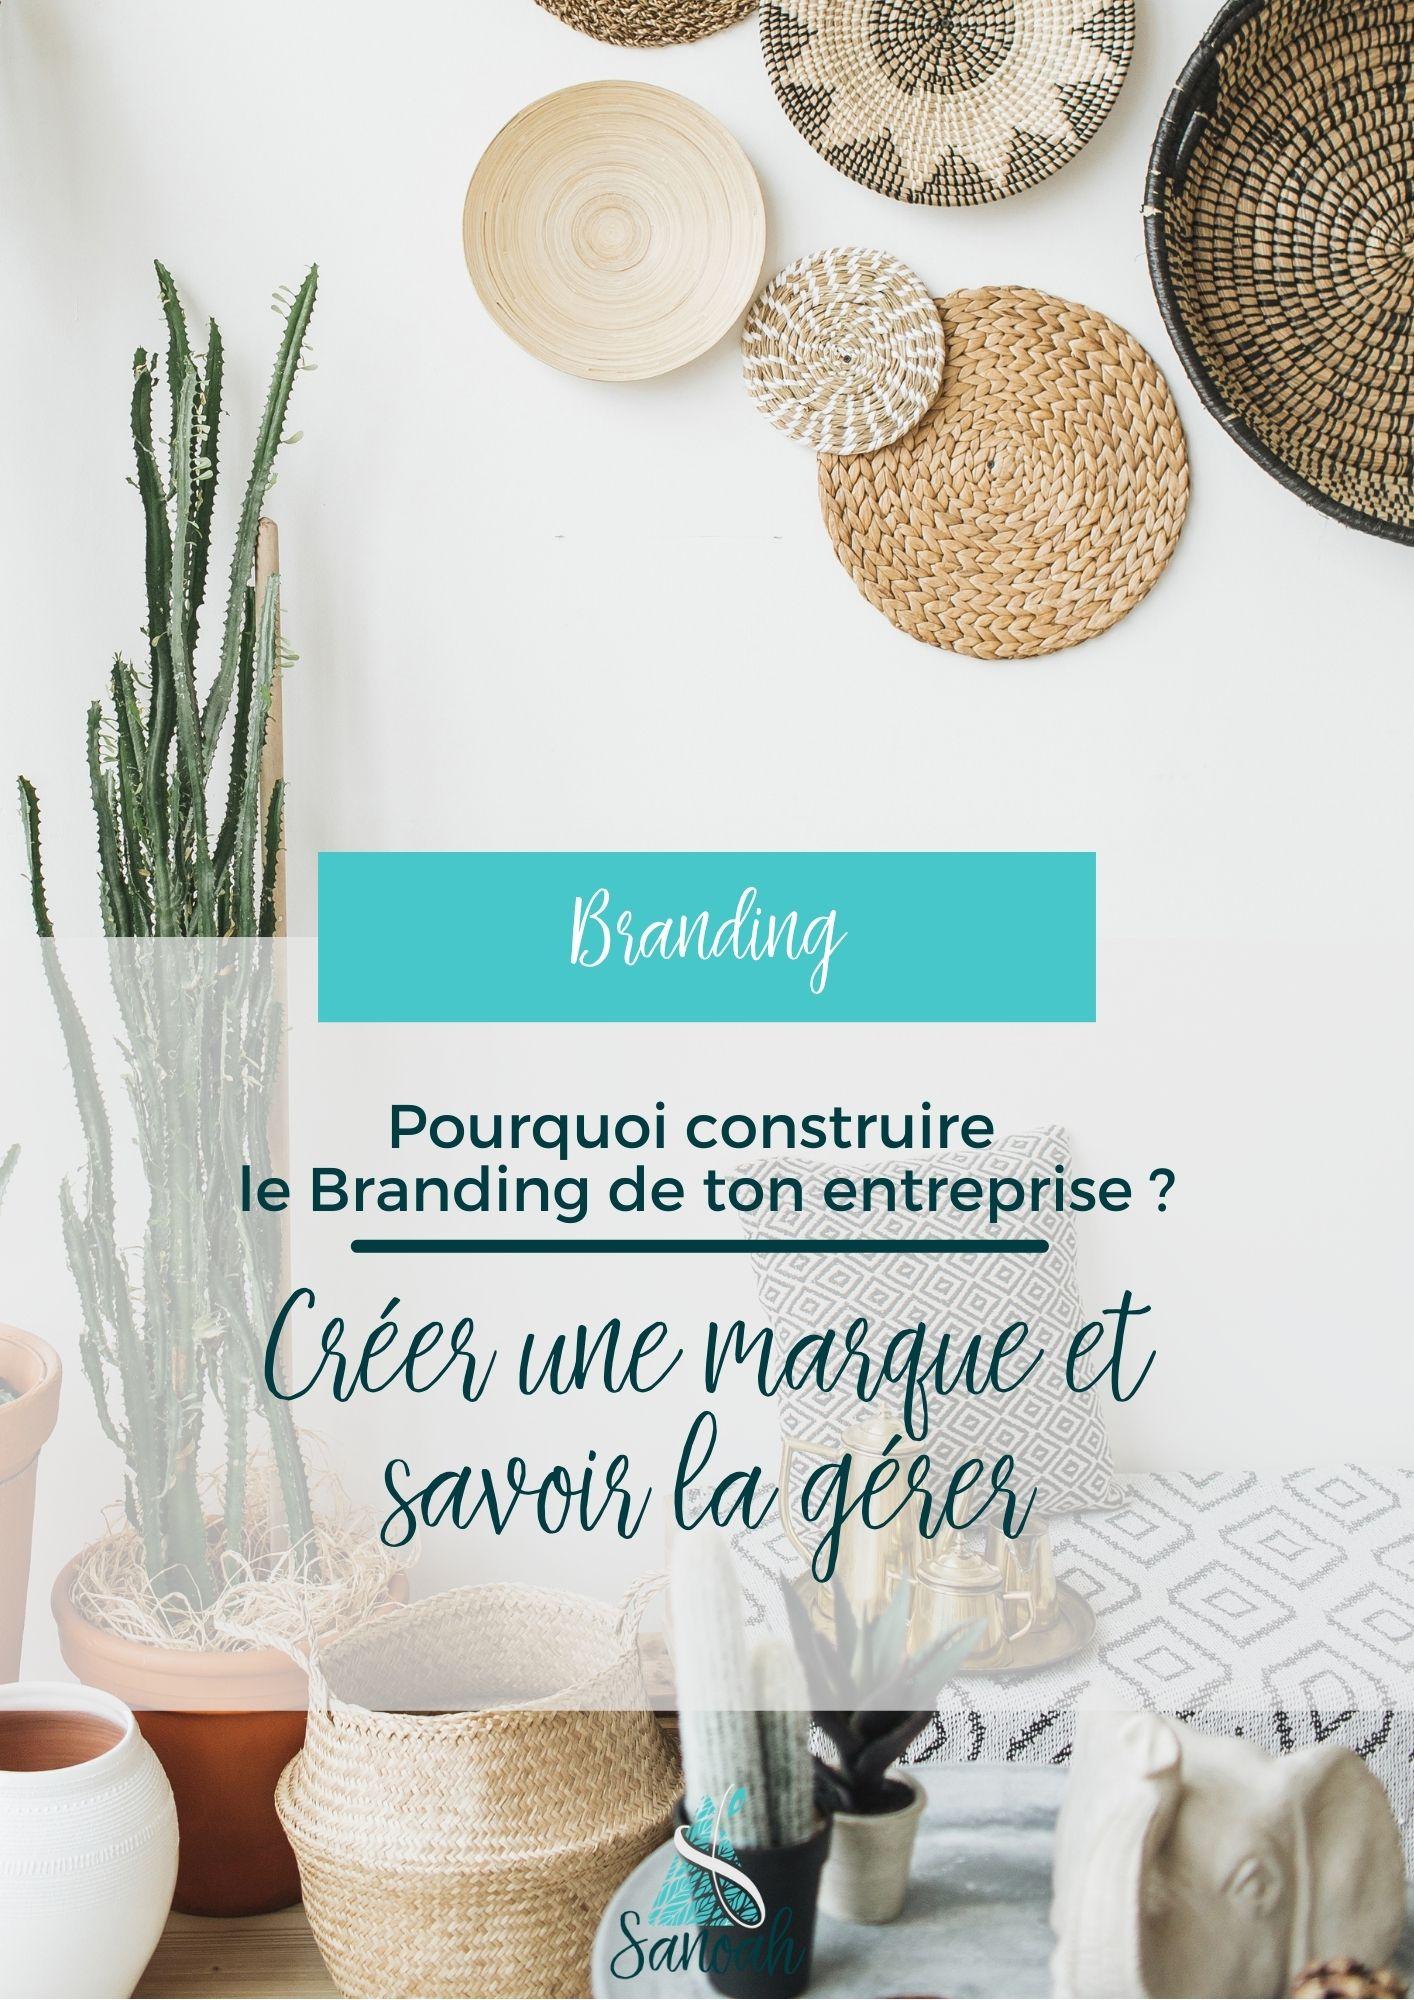 Pourquoi construire le Branding de ton entreprise Créer une marque et savoir la gérer